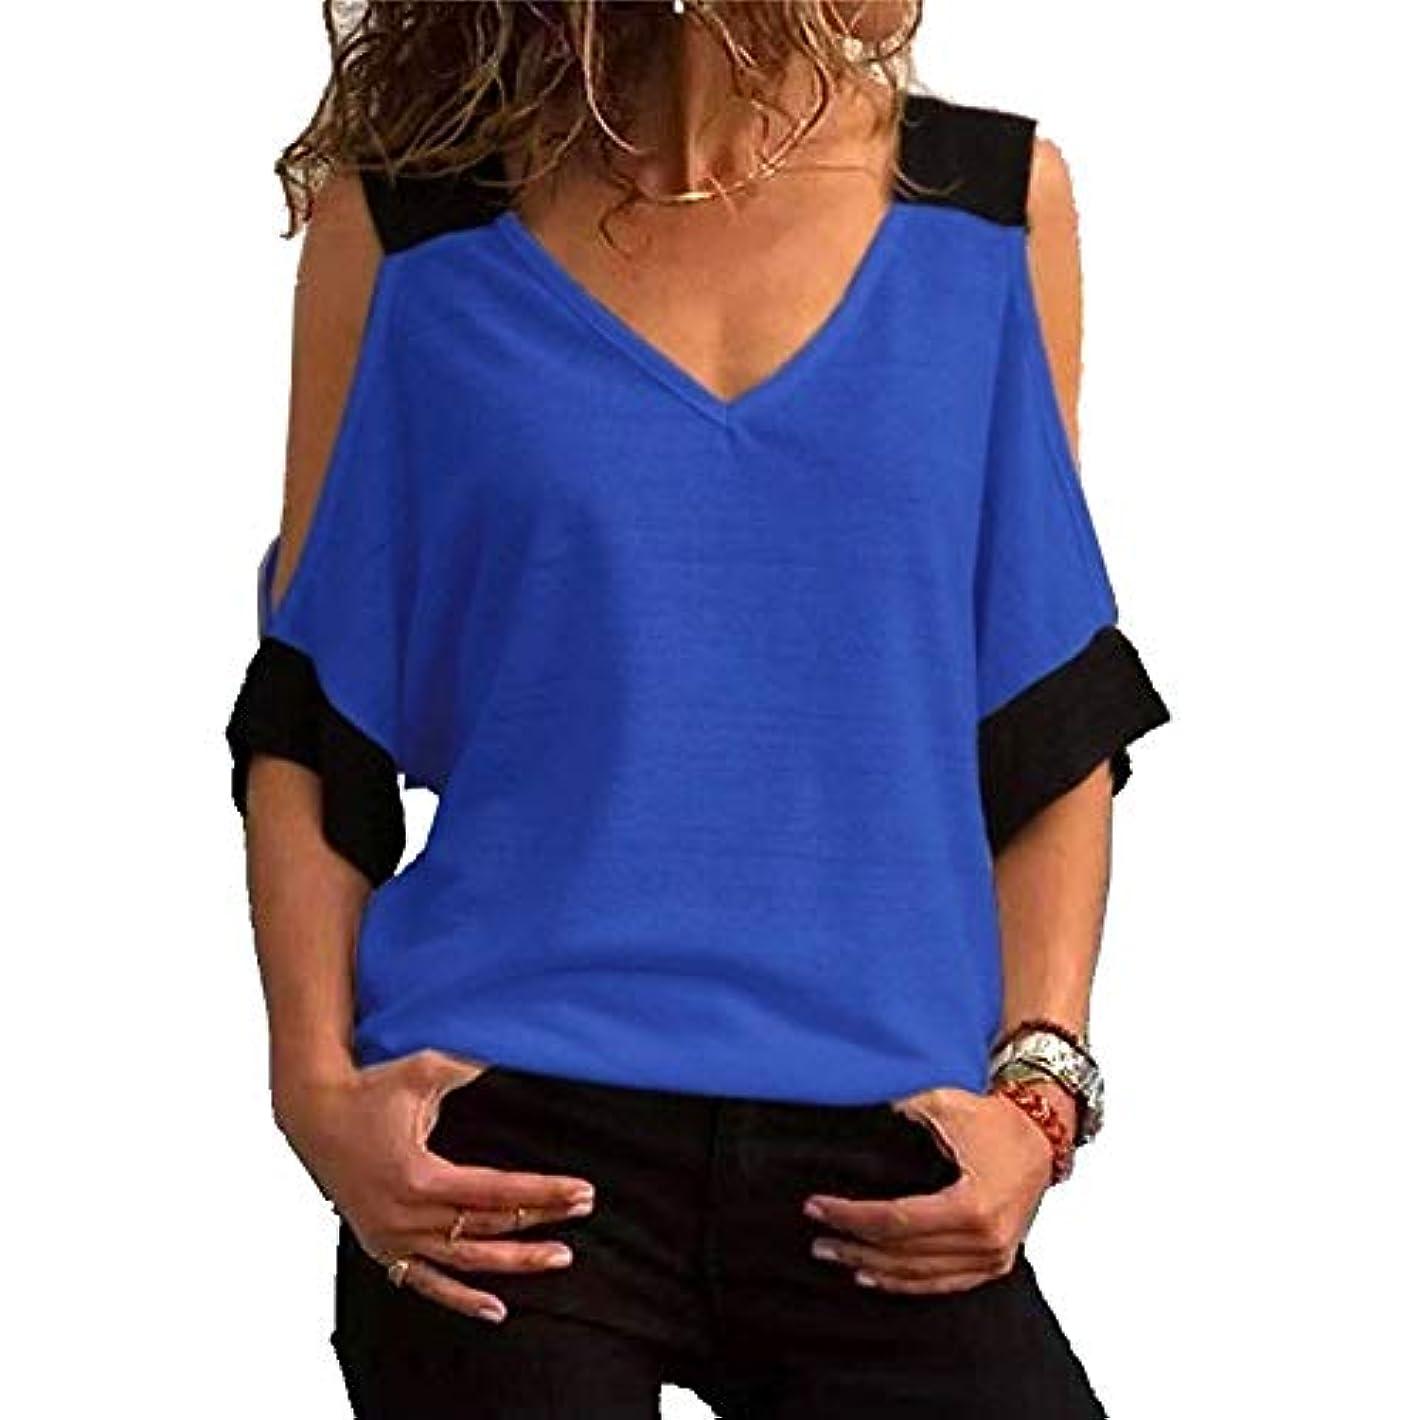 キリンタービンエッセンスMIFAN女性ファッションカジュアルトップス女性ショルダーブラウスコットンTシャツディープVネック半袖